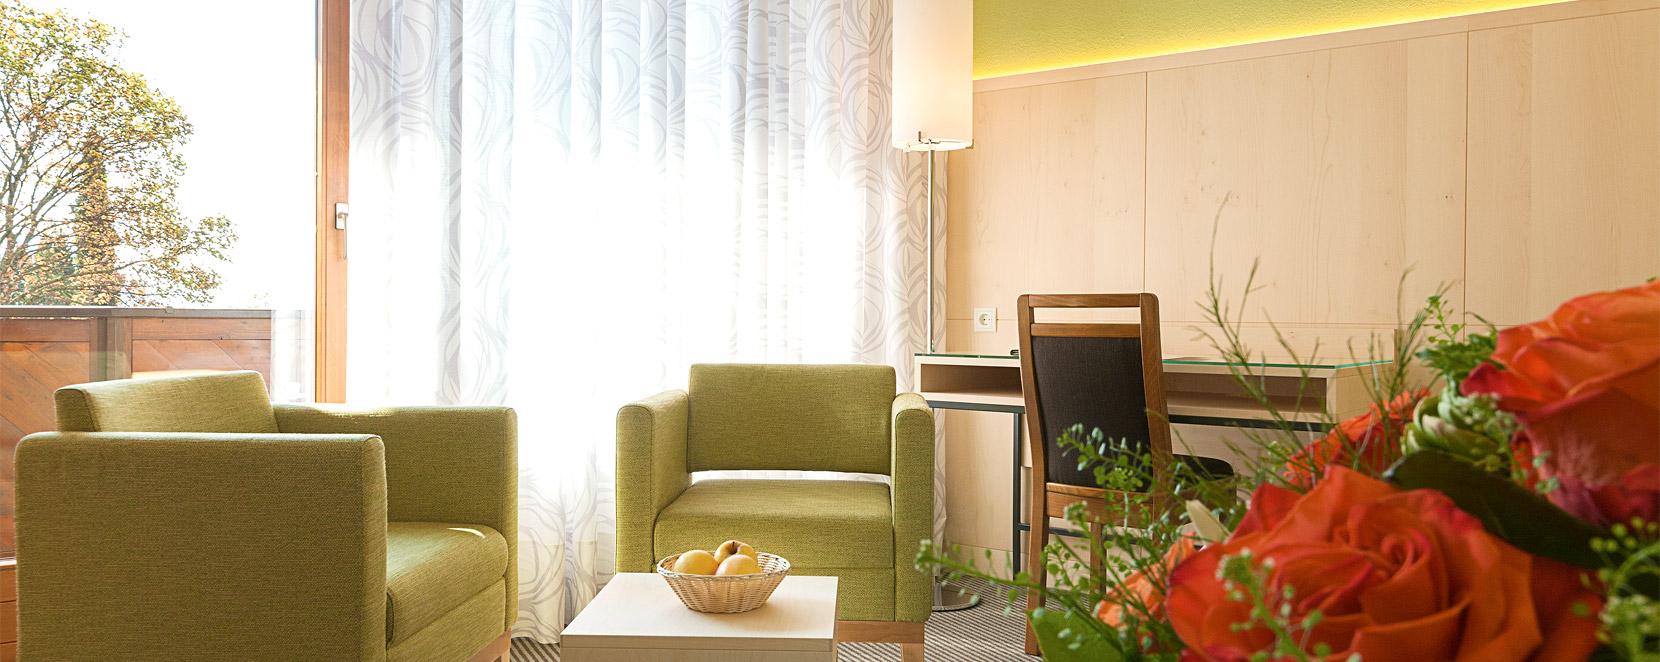 zimmer im hotel thurnergut superior. Black Bedroom Furniture Sets. Home Design Ideas